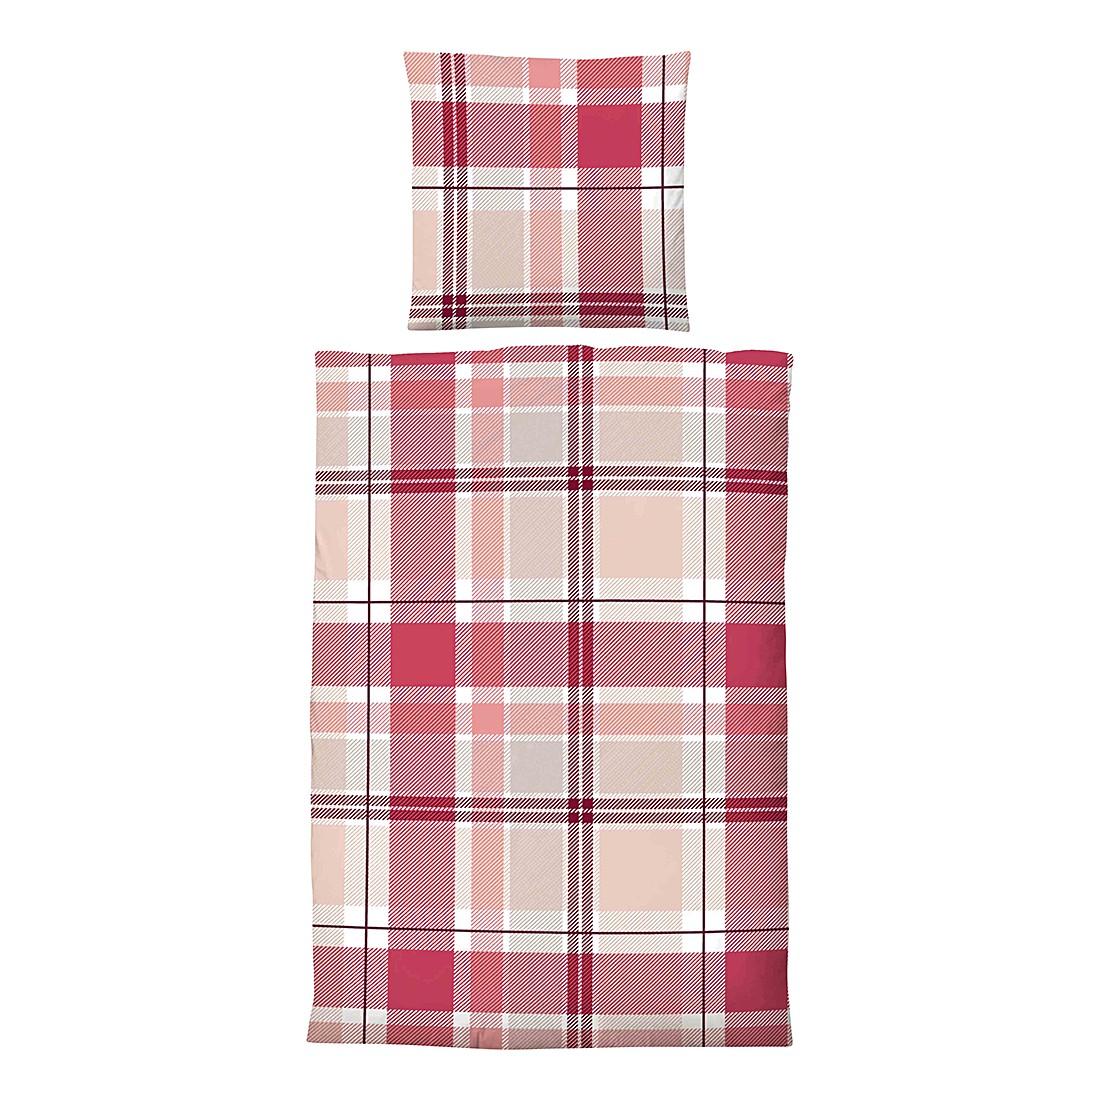 Home 24 - Parure de lit en satin maco jana - rouge rubis - 200 x 200 cm + 2 coussins 80 x 80 cm, biberna